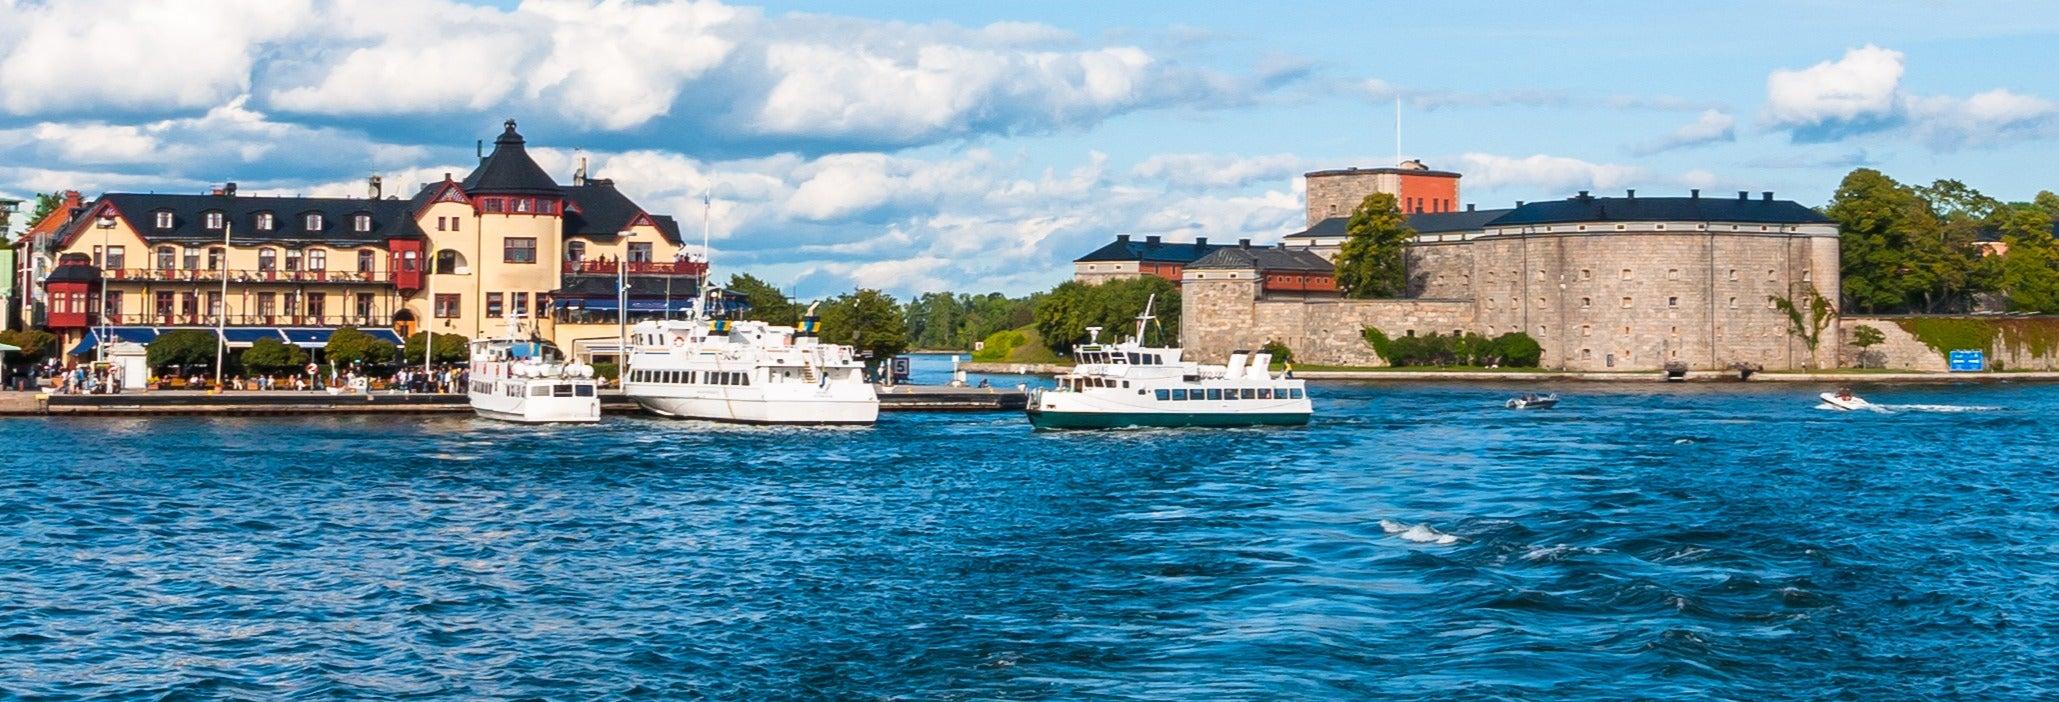 Ferry a la isla Vaxholm